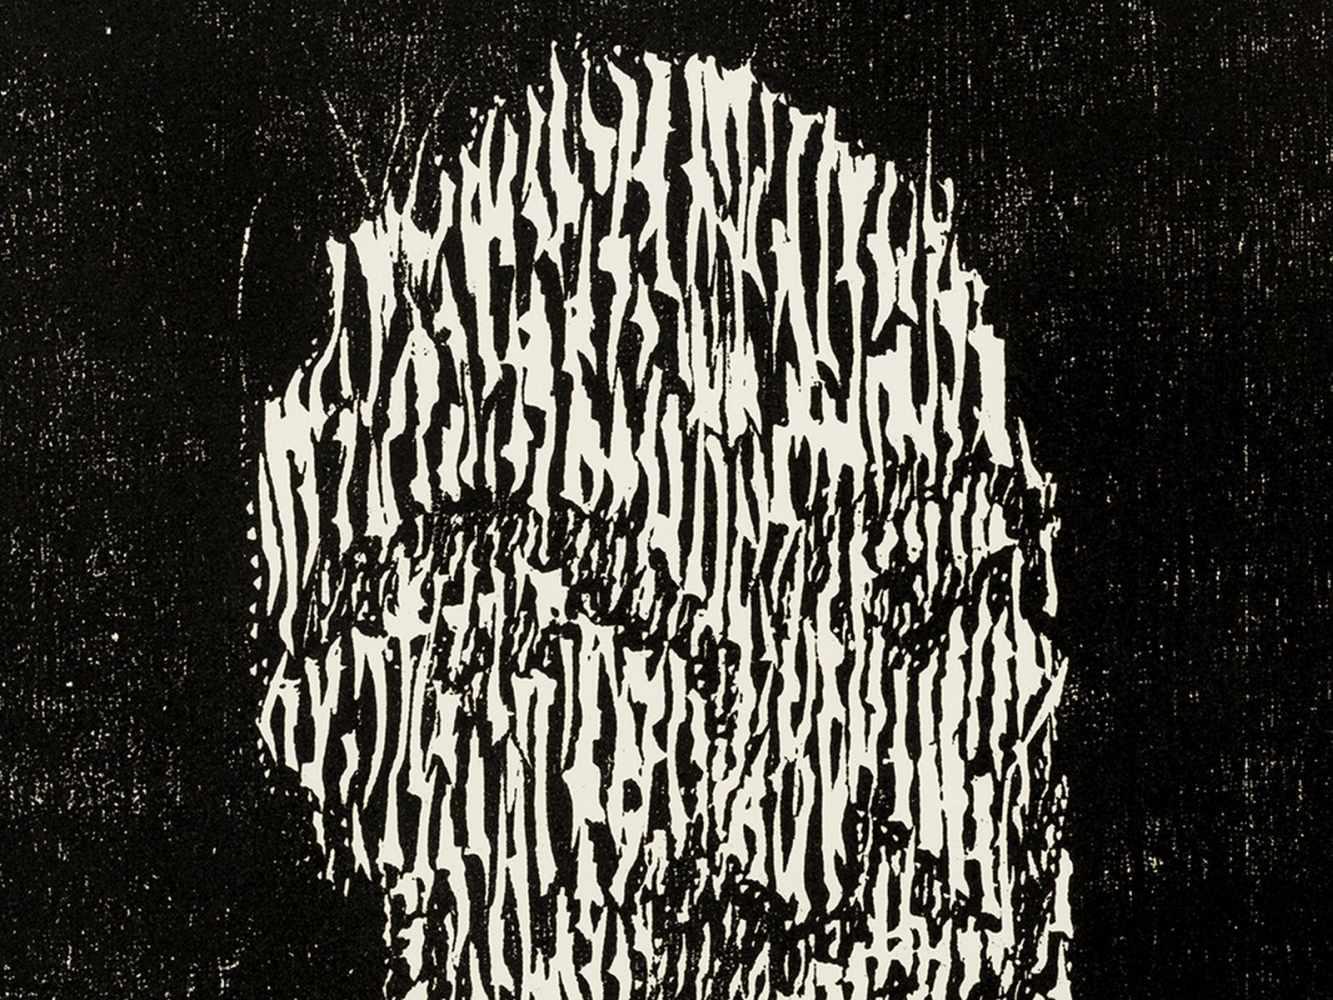 Matthias Mansen (b. 1958), G.W. Leibniz, Woodcut, 1999 - Image 6 of 9